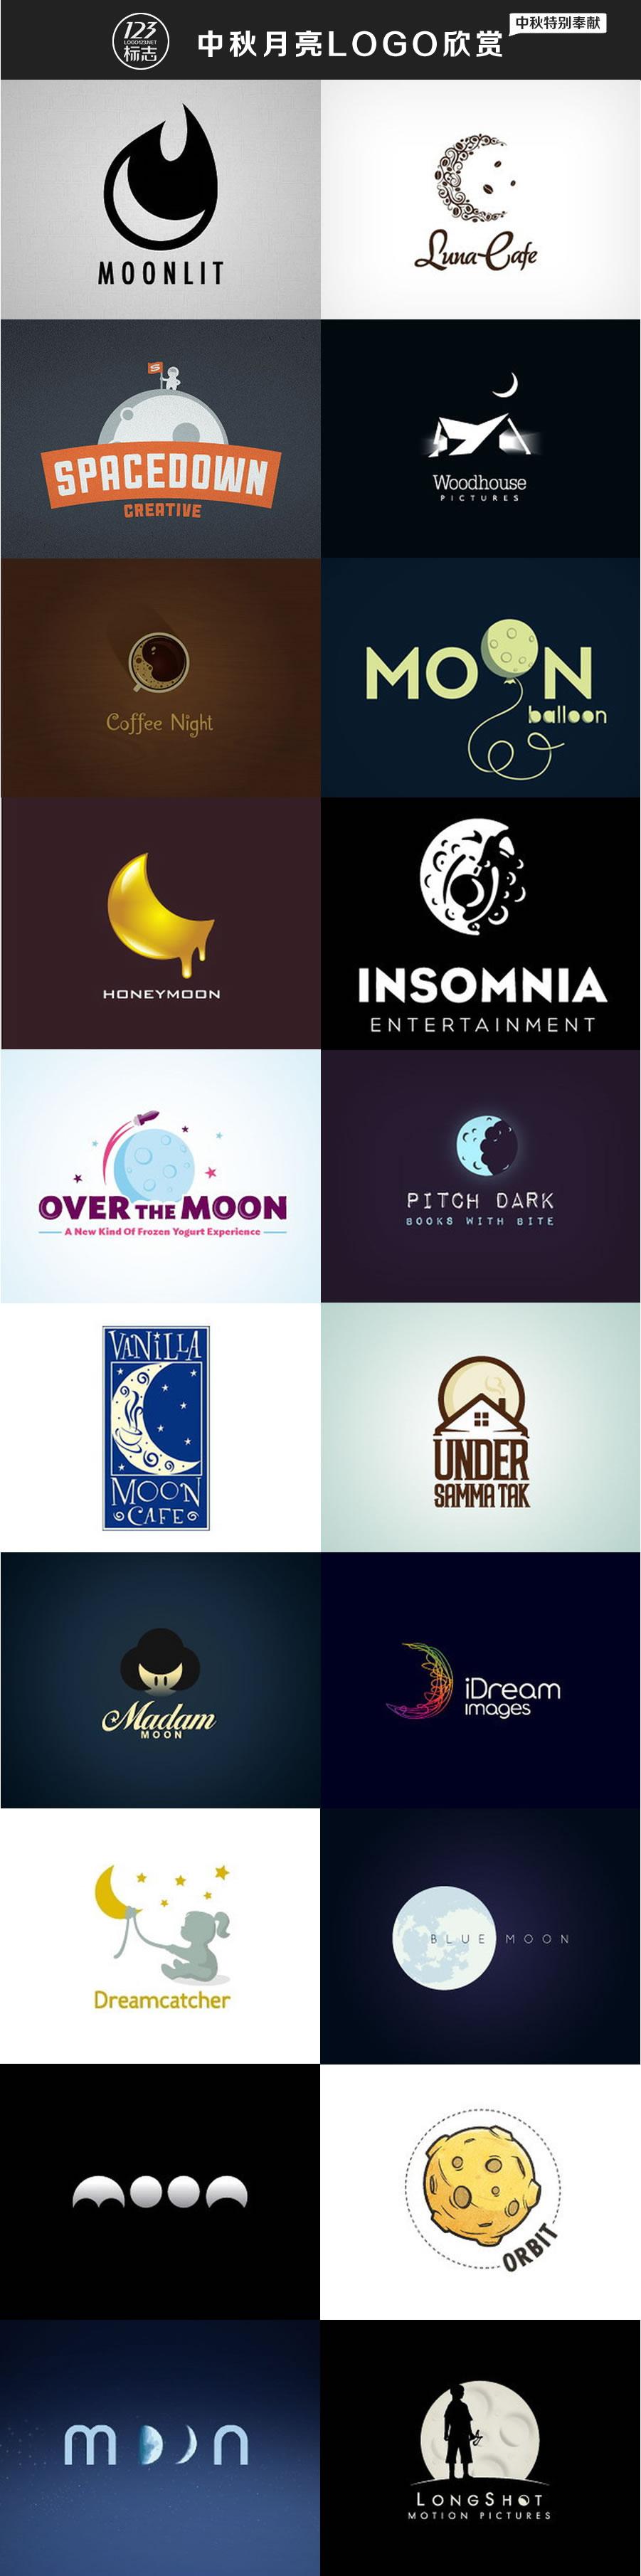 中秋月亮logo设计